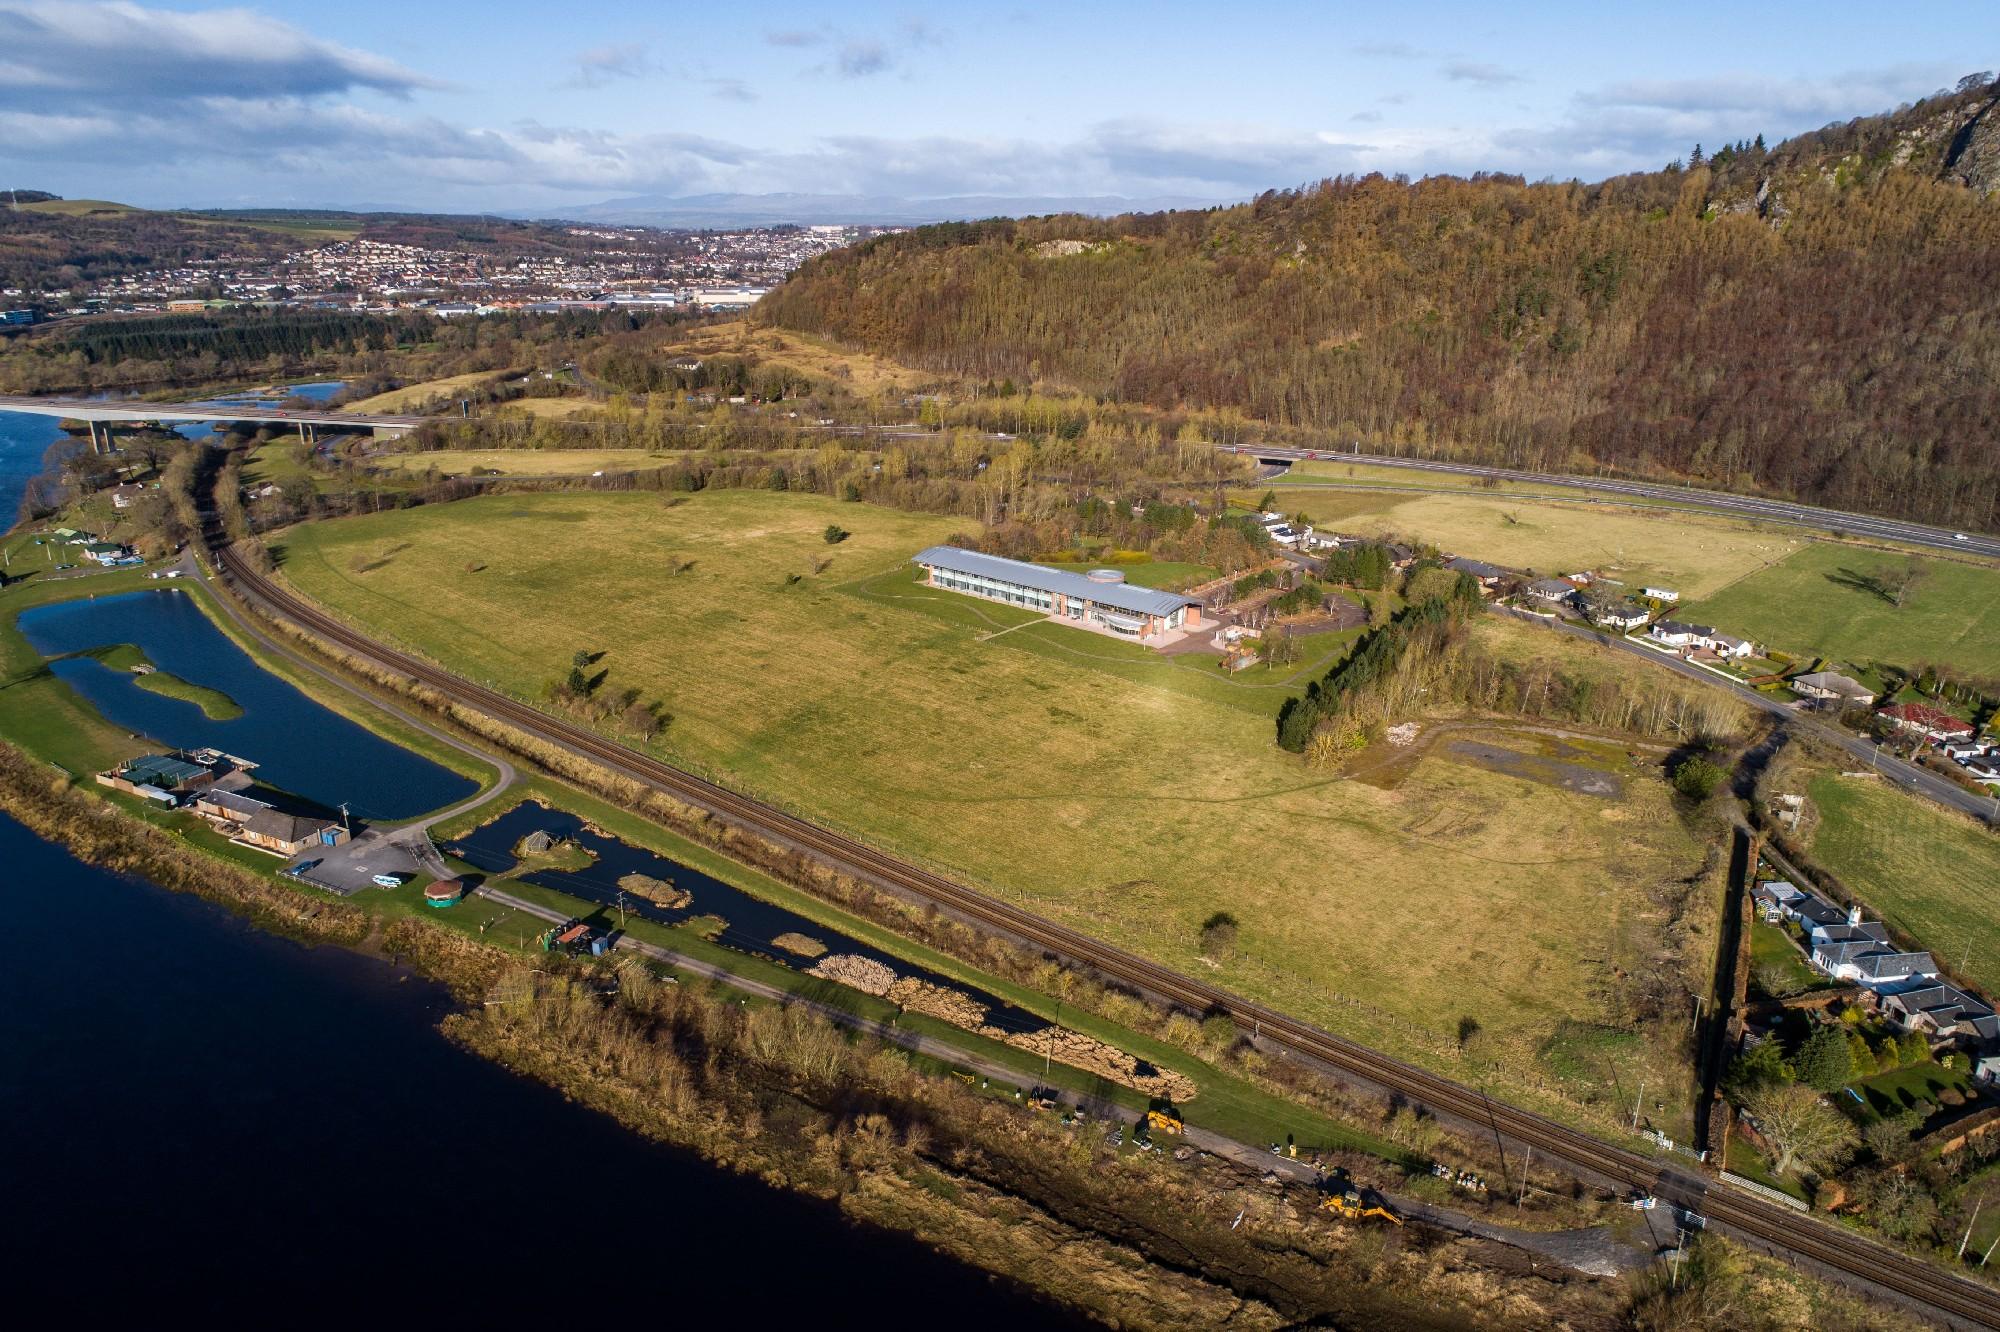 Plant business unveils plans for £33.8m leisure development